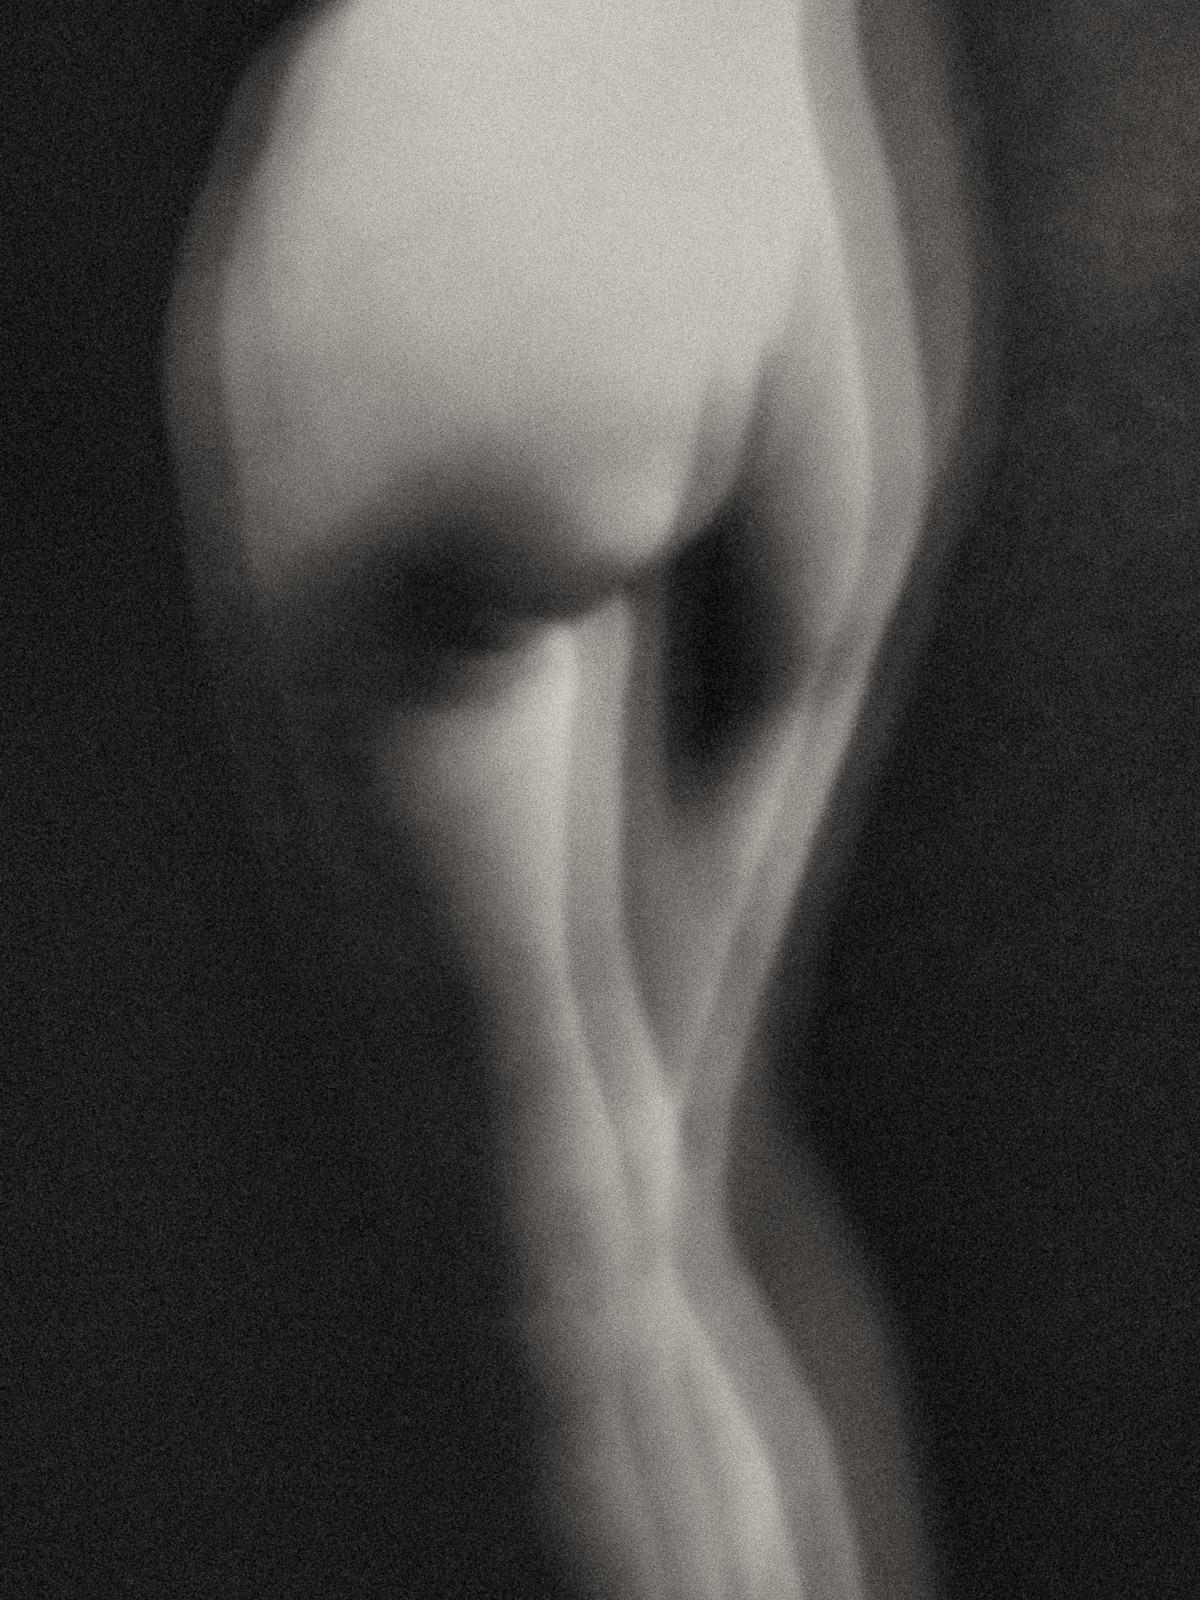 Nude©JitskeSchols